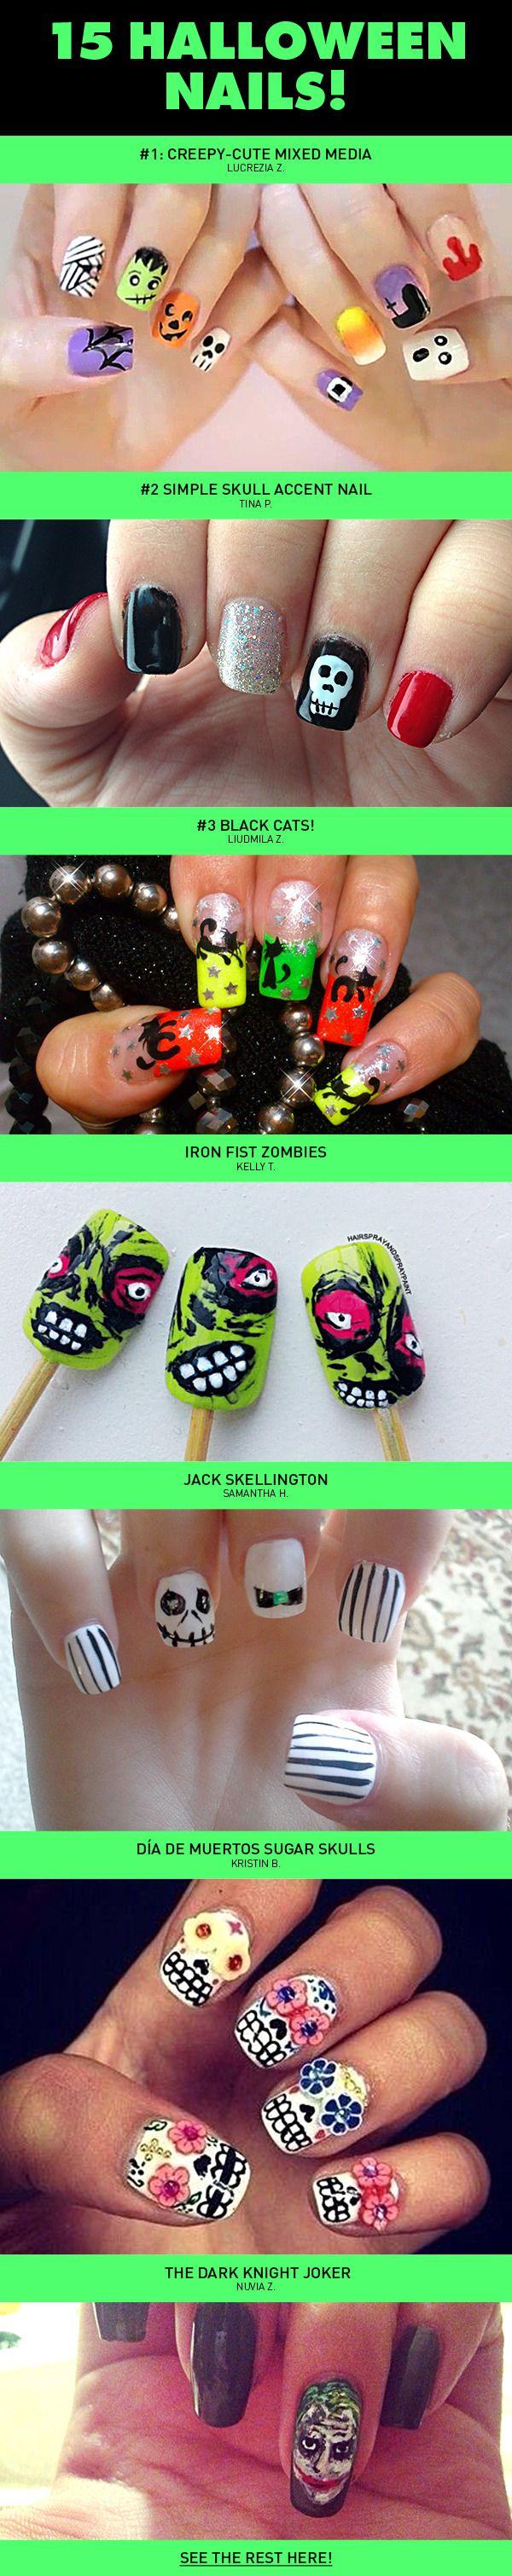 15 Halloween Nail Art Looks | Halloween, Decoración de uñas y ...